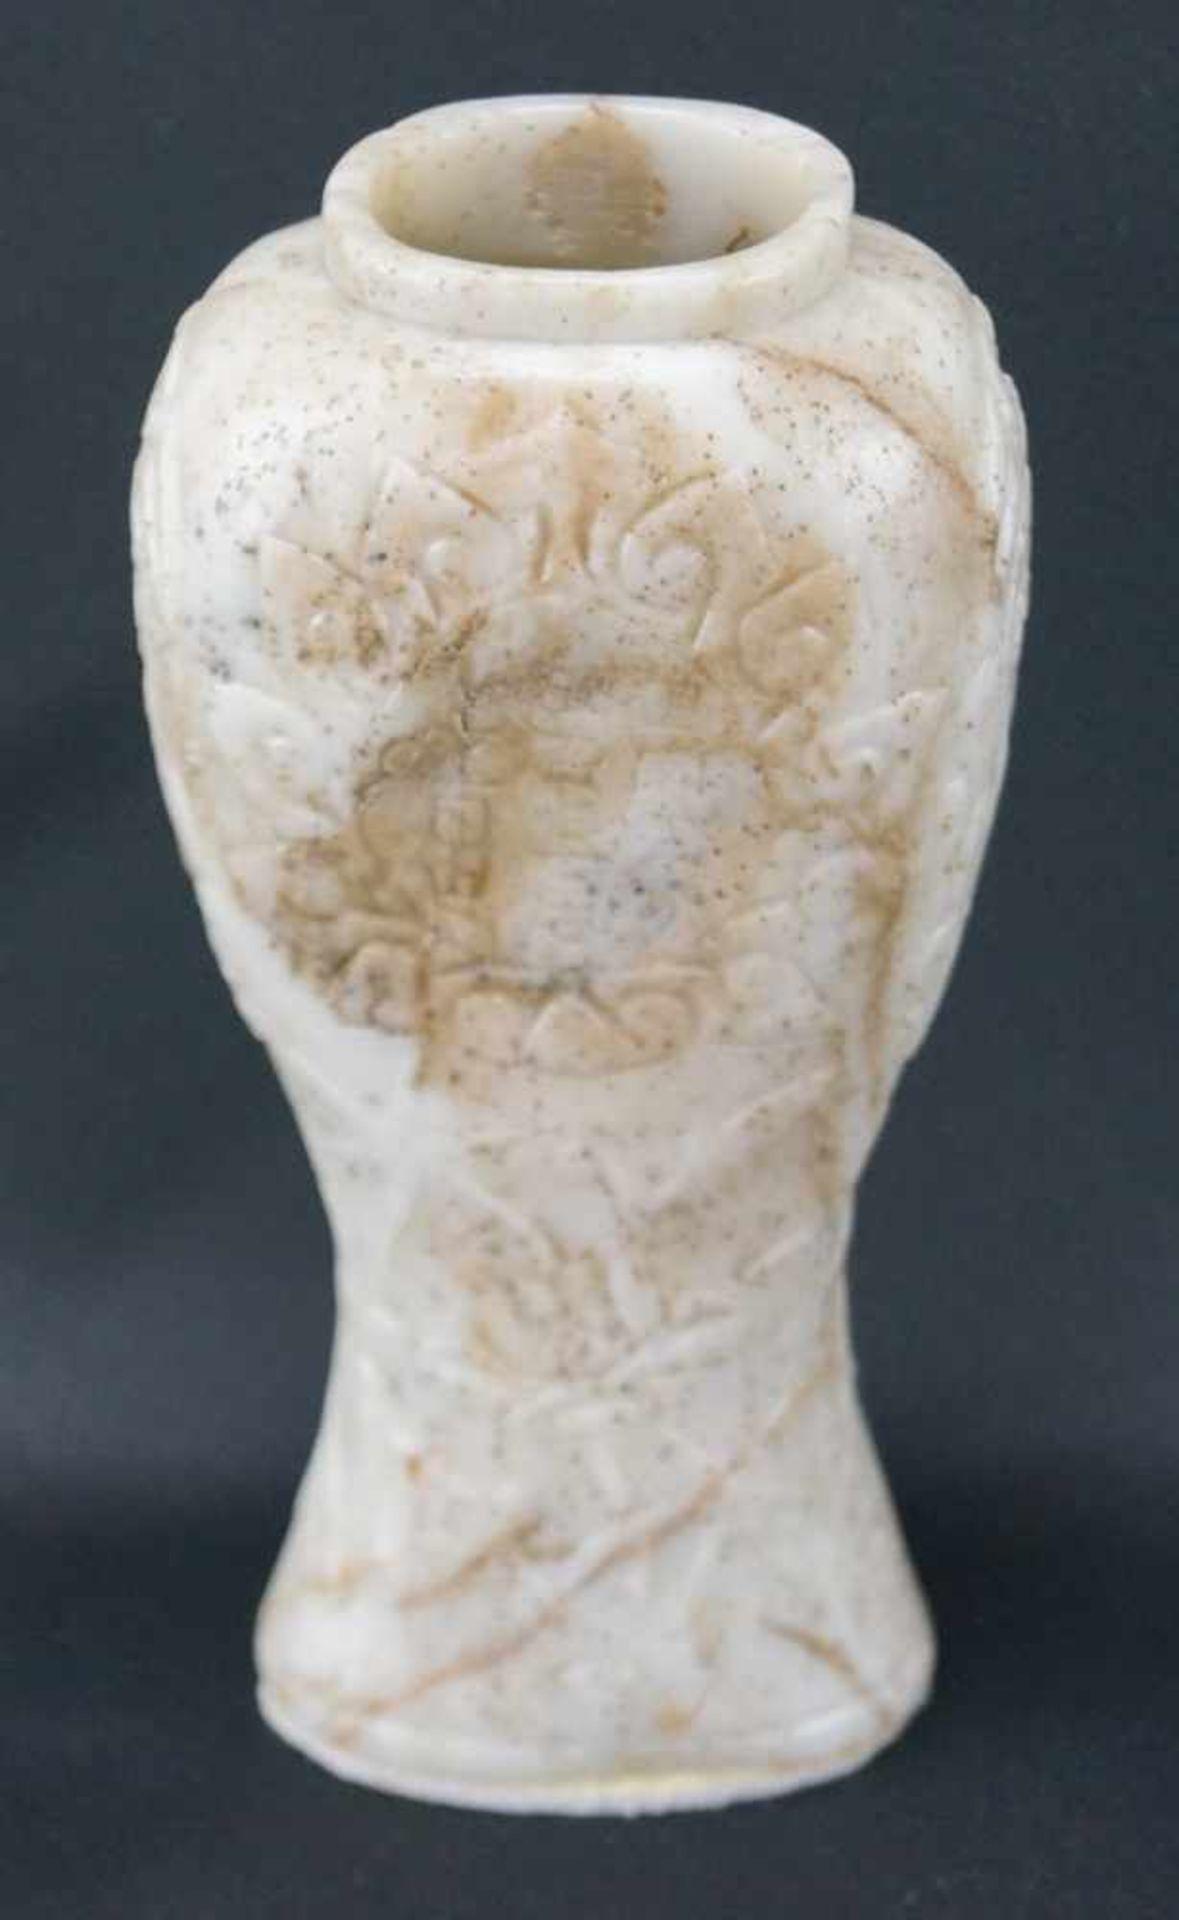 Vase aus JadeWeiße Jade, Höhe 17,5 cm x Breite 8,5 cm x Tiefe 5,5 cm, in einem guten Zustand - Bild 2 aus 6